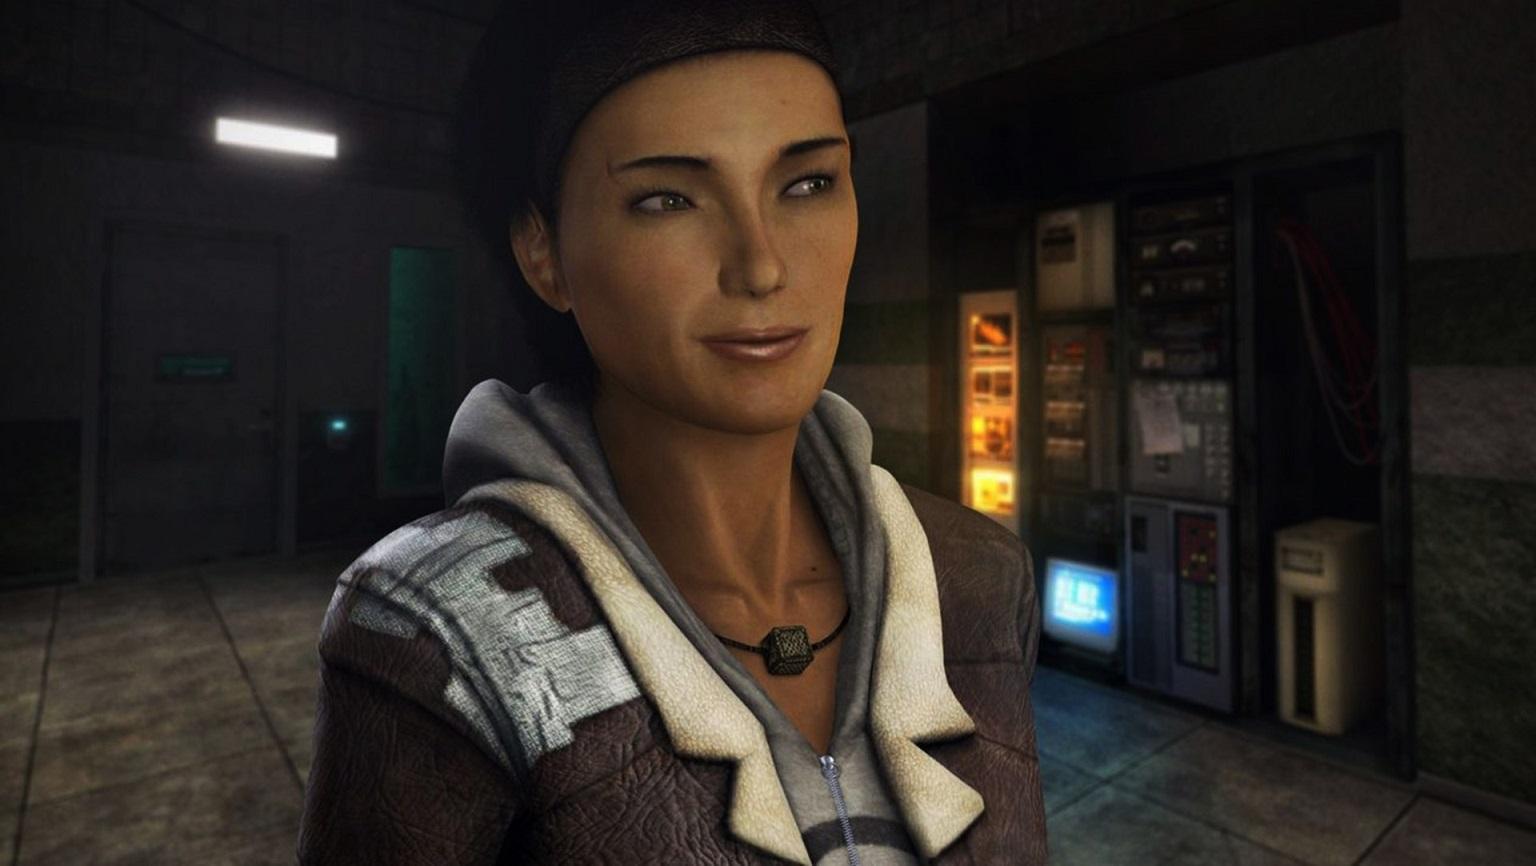 Разработчики Half-Life: Alyx ответили навопросы фанатов обигре. Стало известно много нового